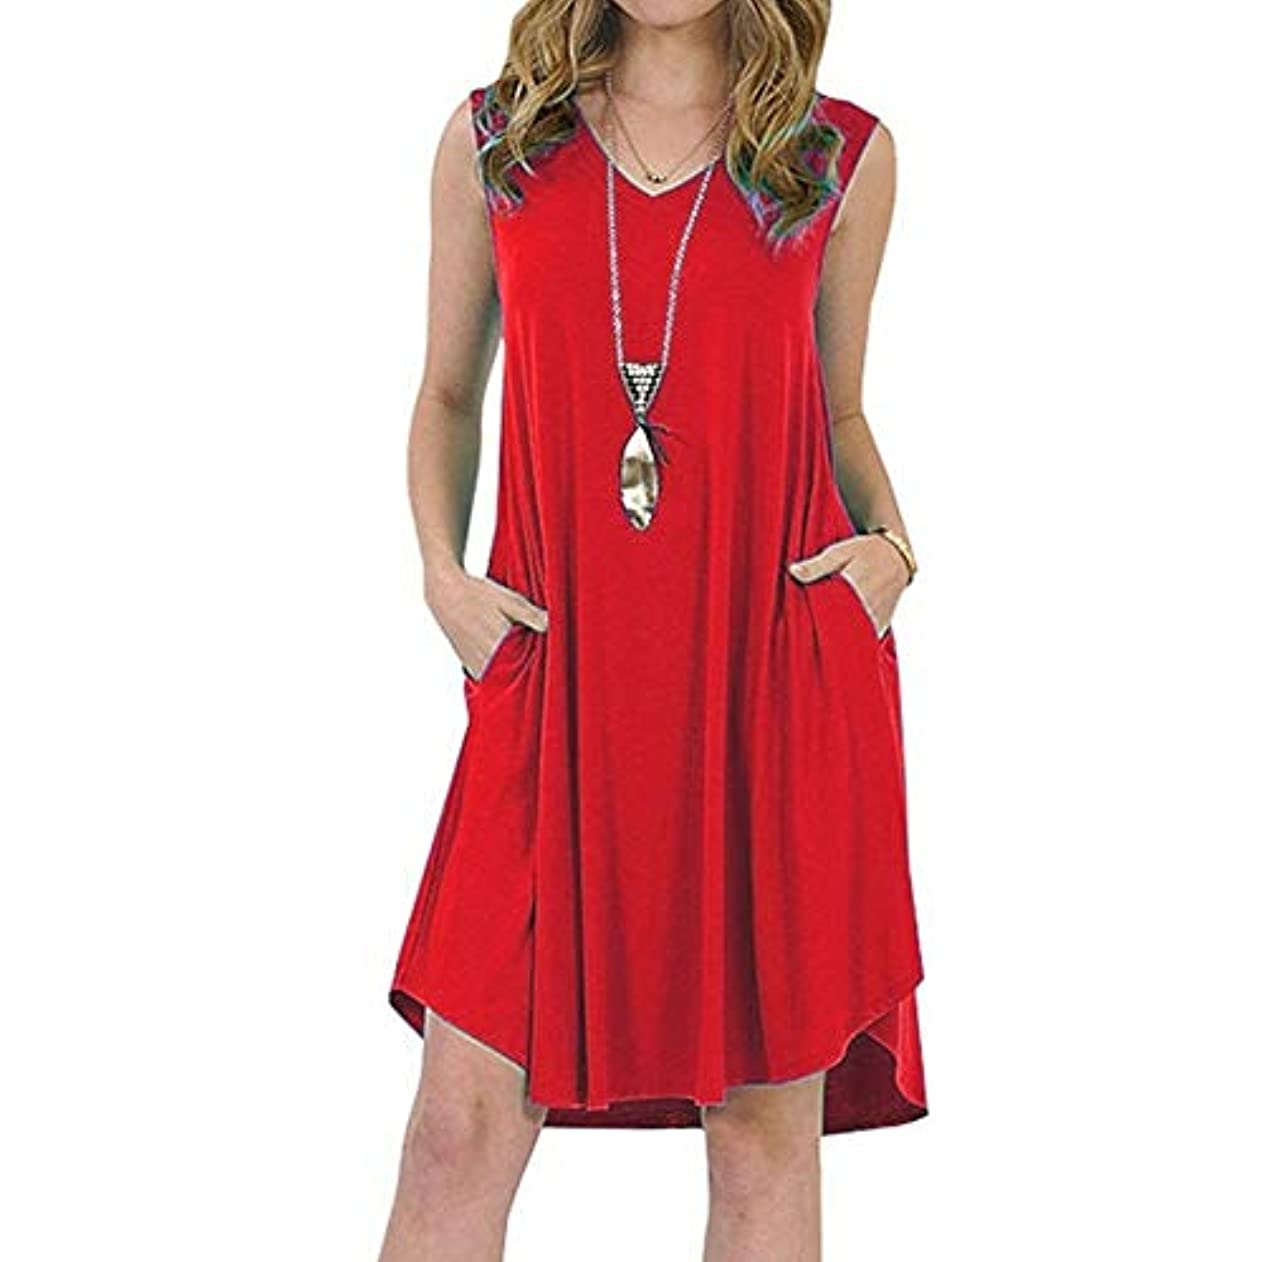 パッケージ誇張によってMIFAN の女性のドレスカジュアルな不規則なドレスルースサマービーチTシャツドレス